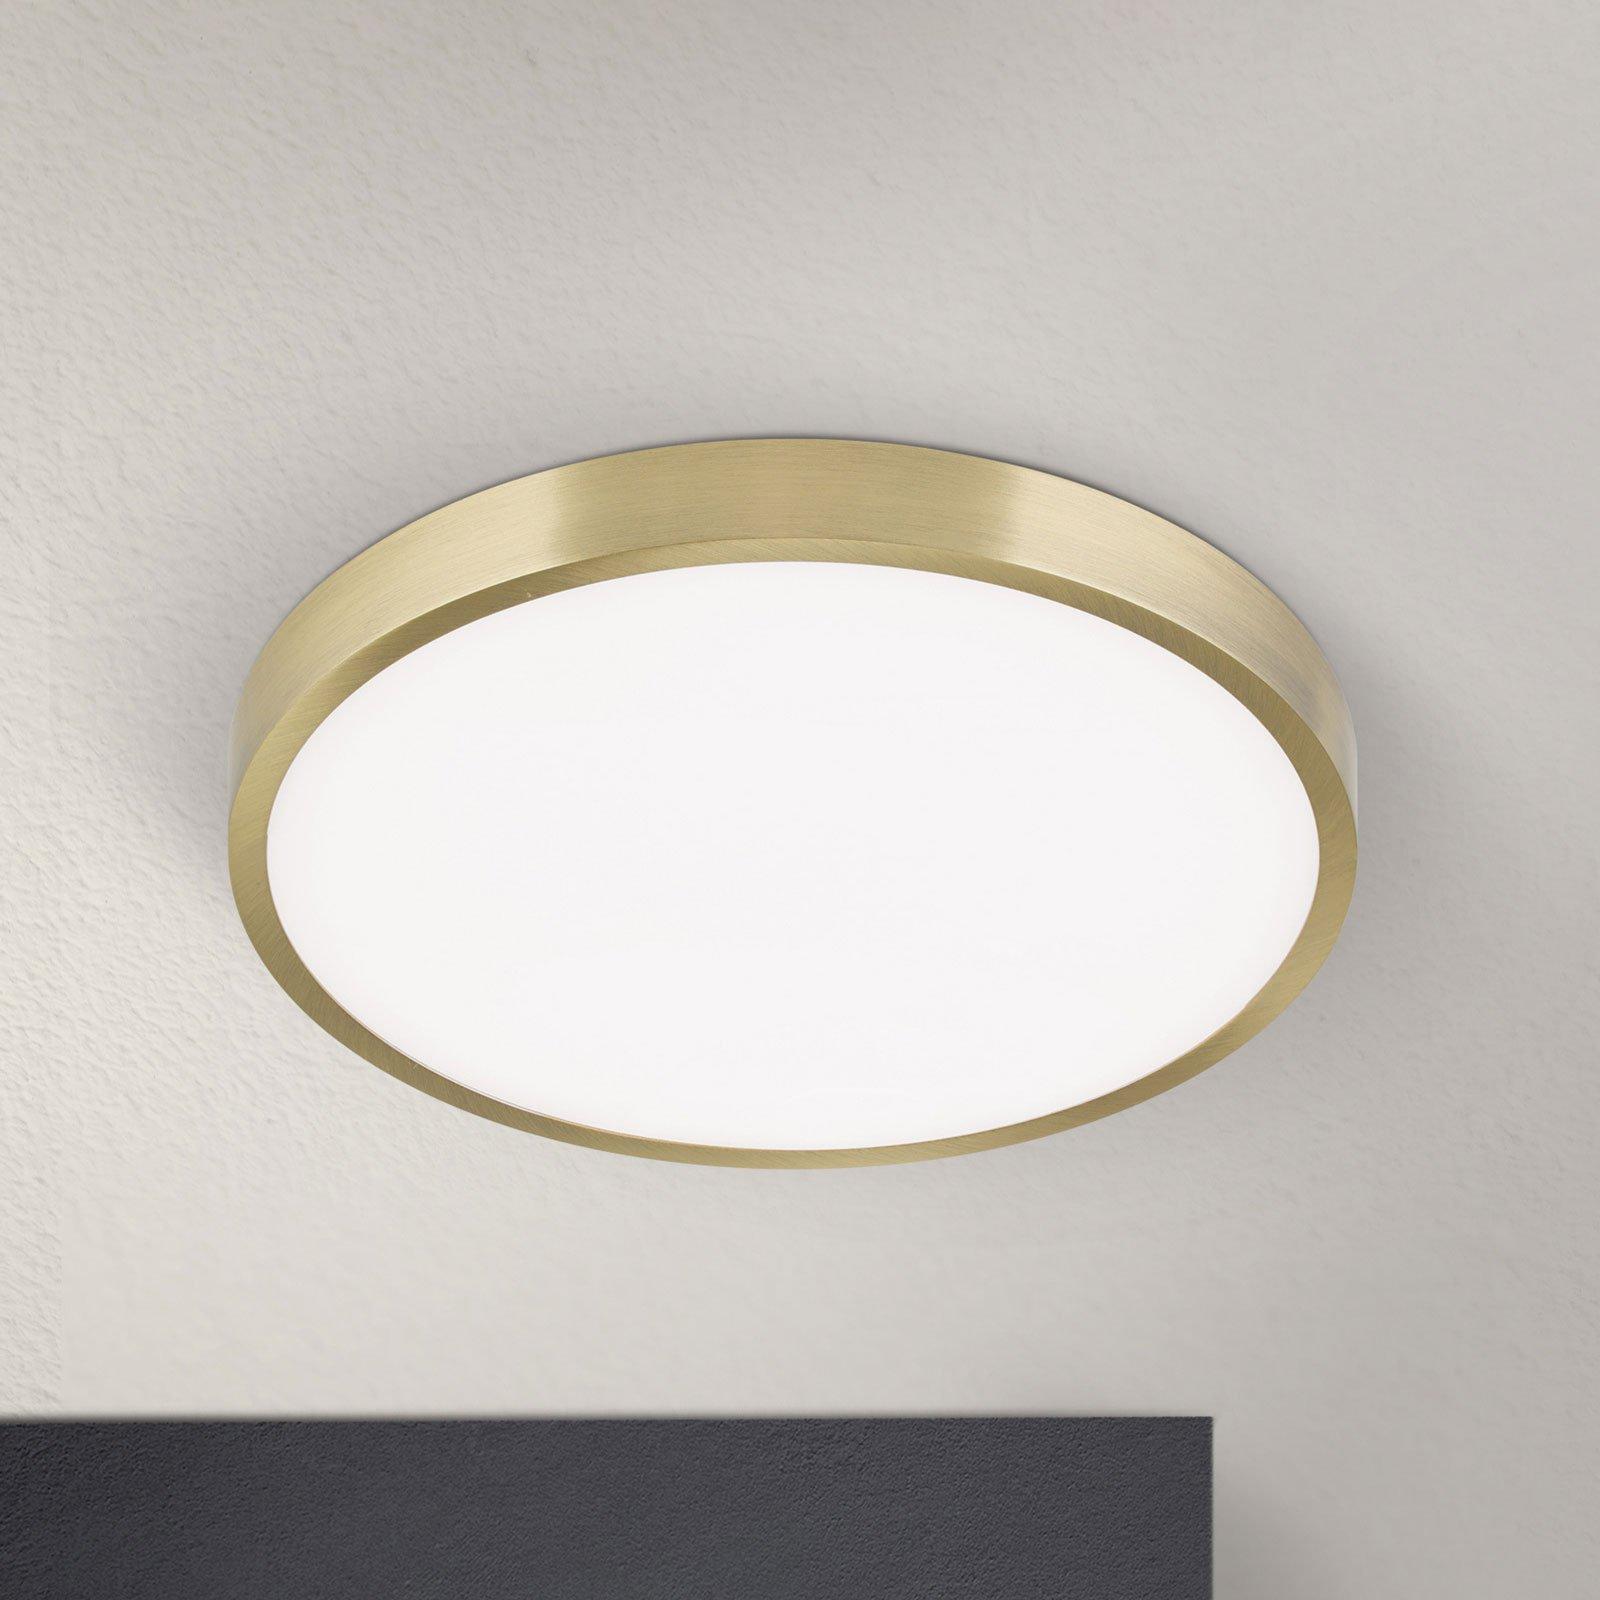 LED-taklampe Bully med patinastil, 24 cm